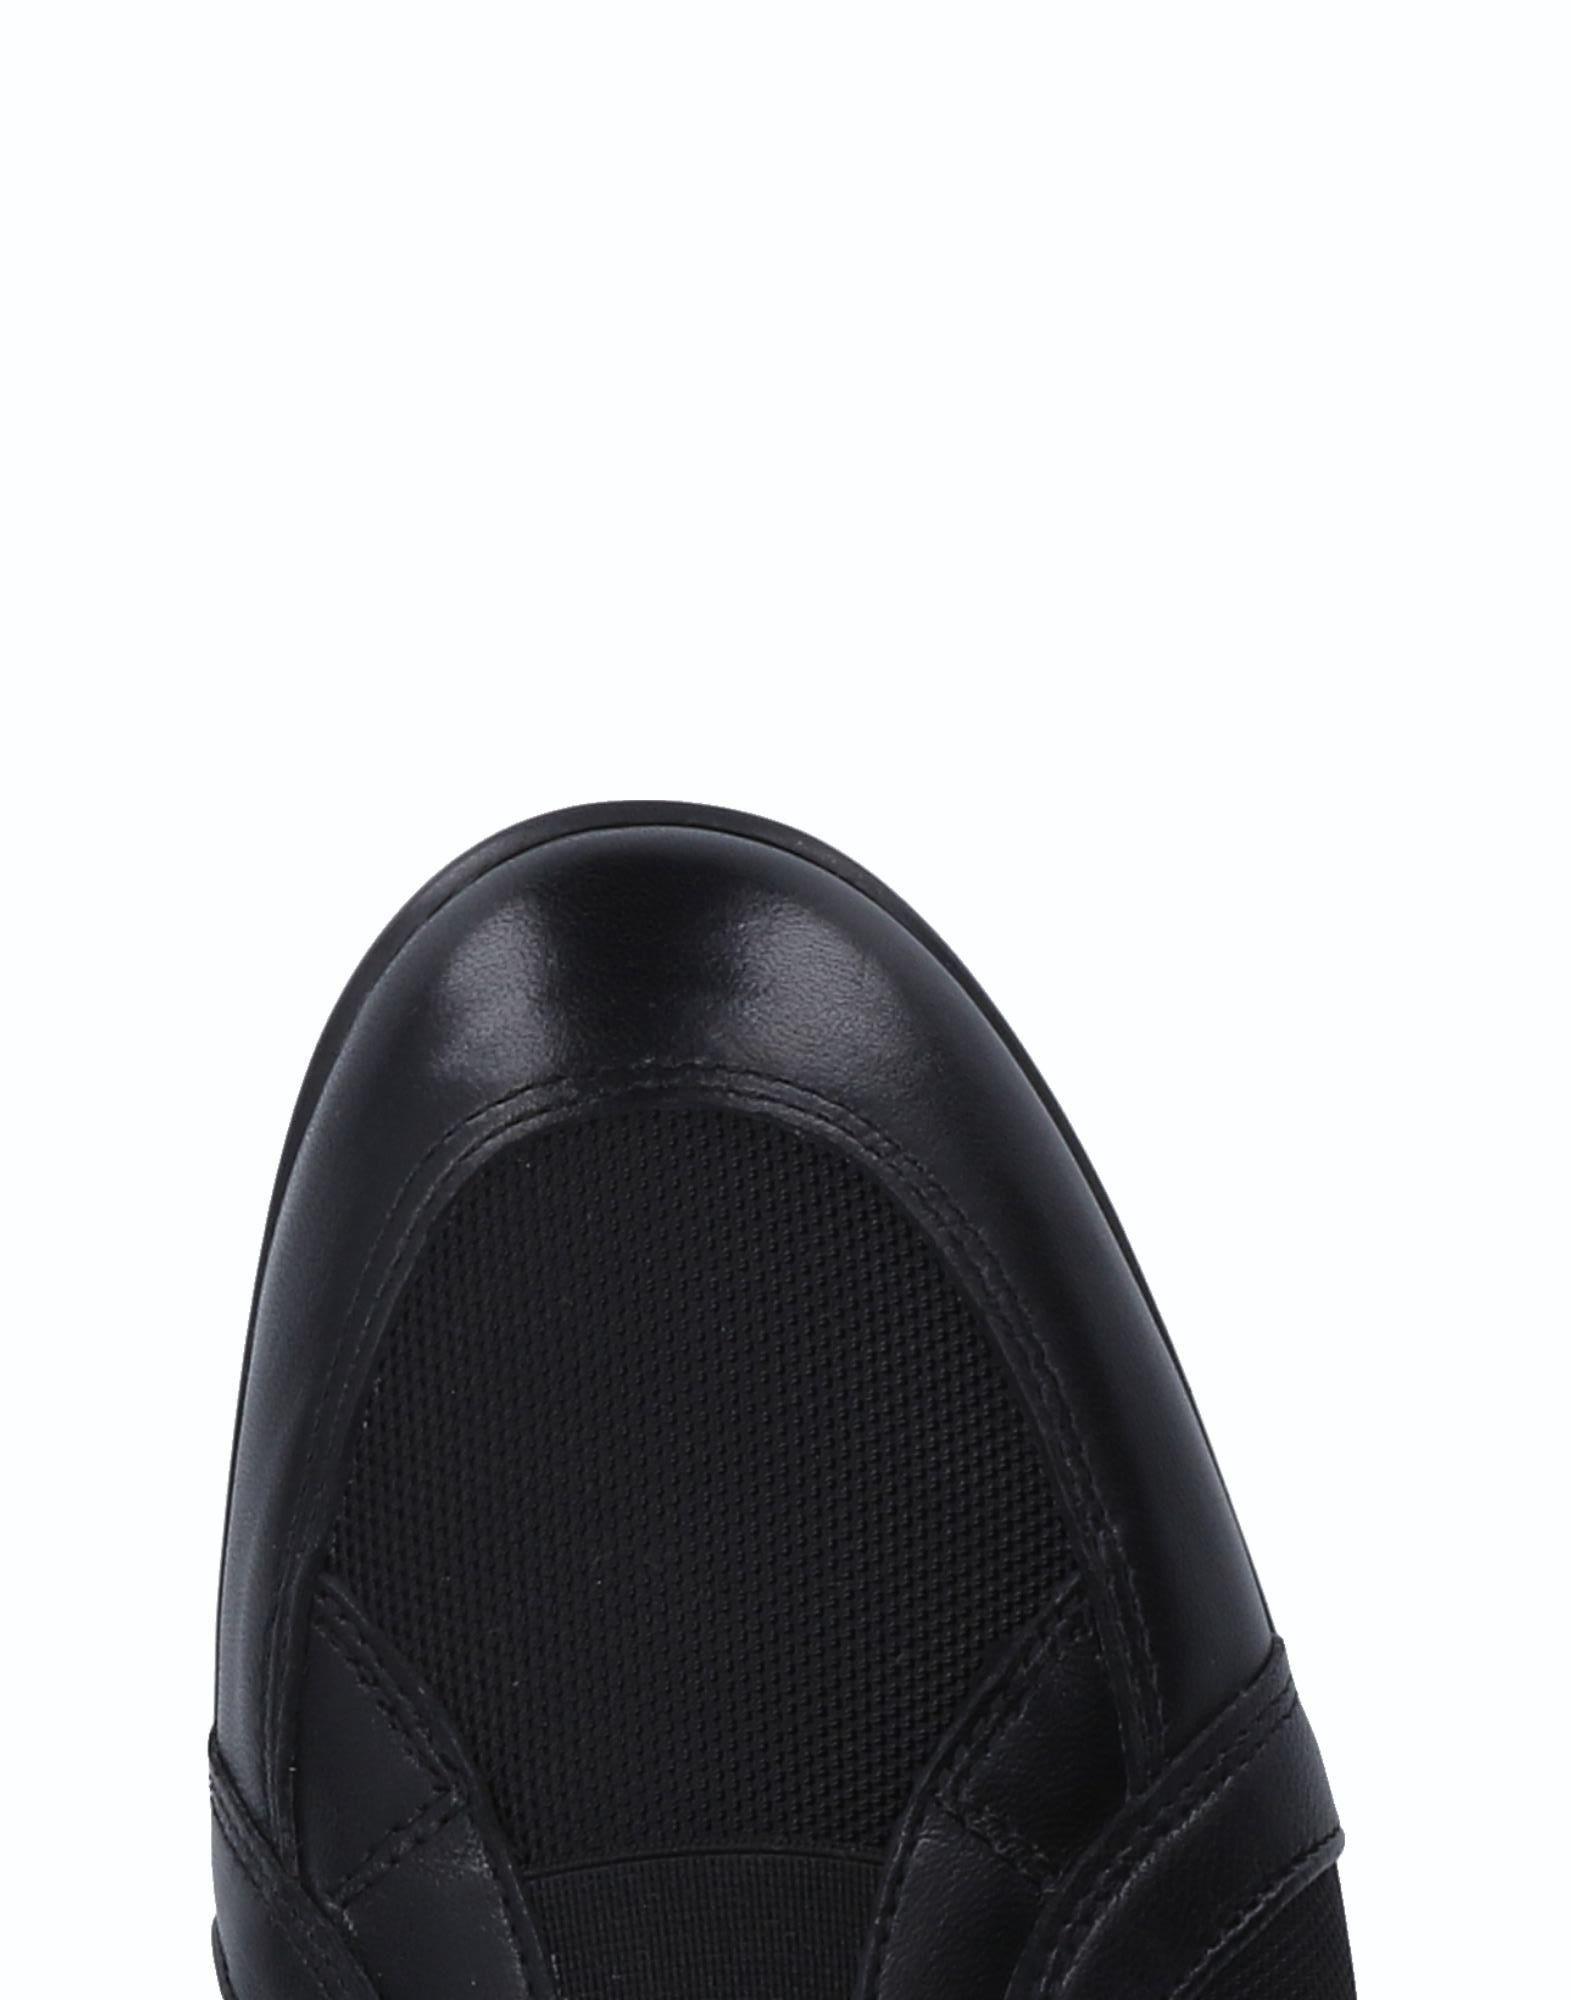 Roberto Botticelli Sneakers Herren beliebte  11515394NQ Gute Qualität beliebte Herren Schuhe c99828